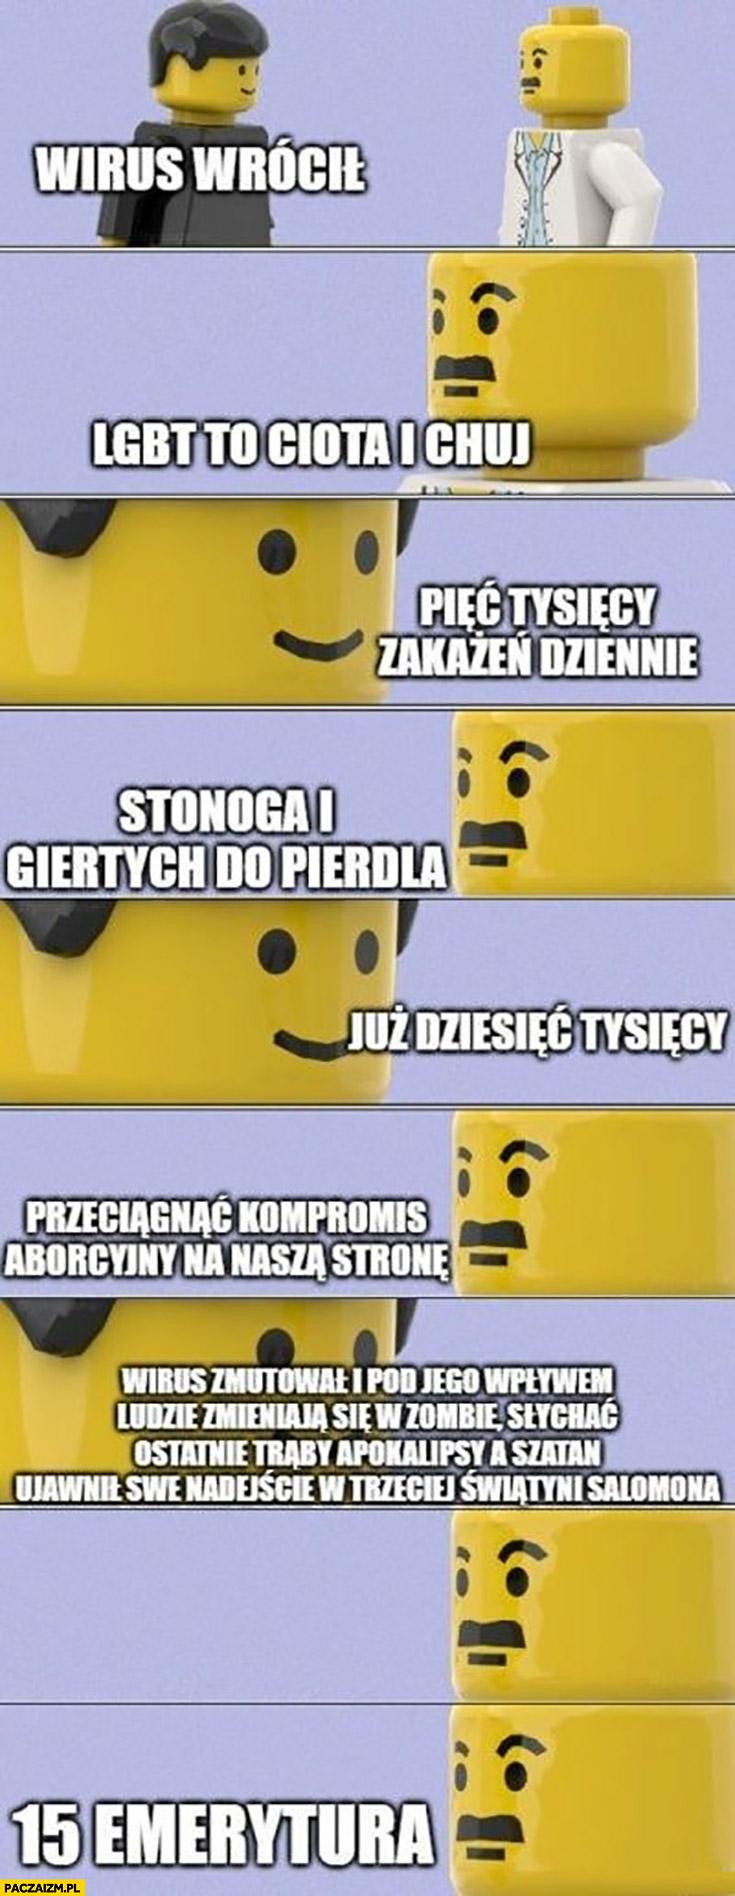 Reakcja PiS na wirusa: LGBT, Stonoga, Giertych do pierdla, zakaz aborcji, 15 emerytura Lego